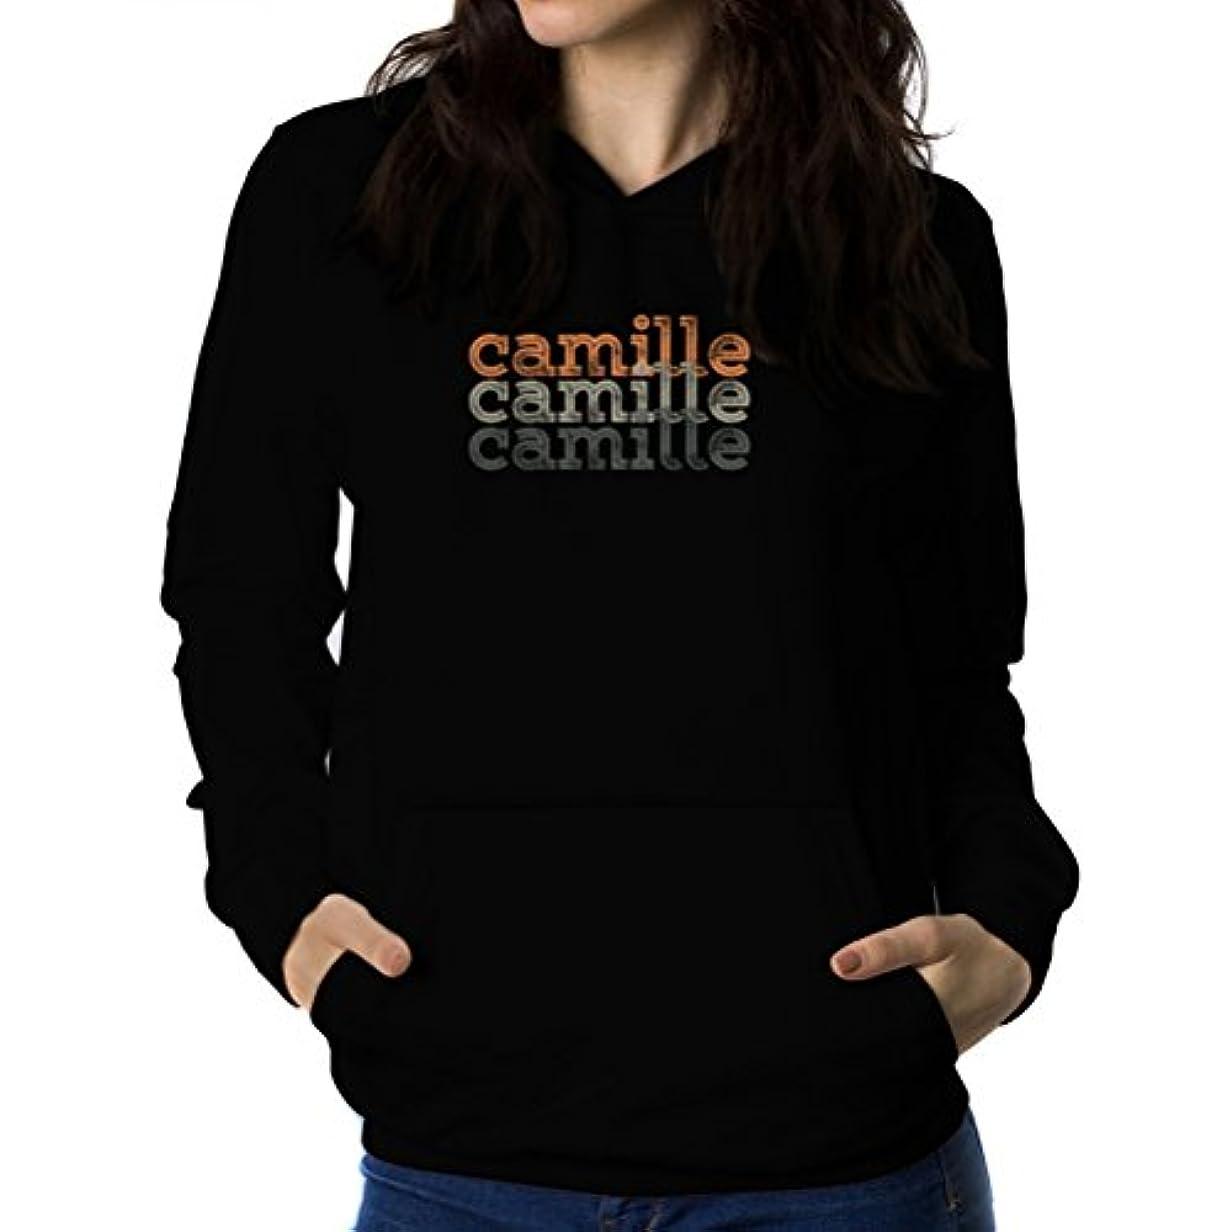 交通渋滞ガジュマル件名Camille repeat retro 女性 フーディー